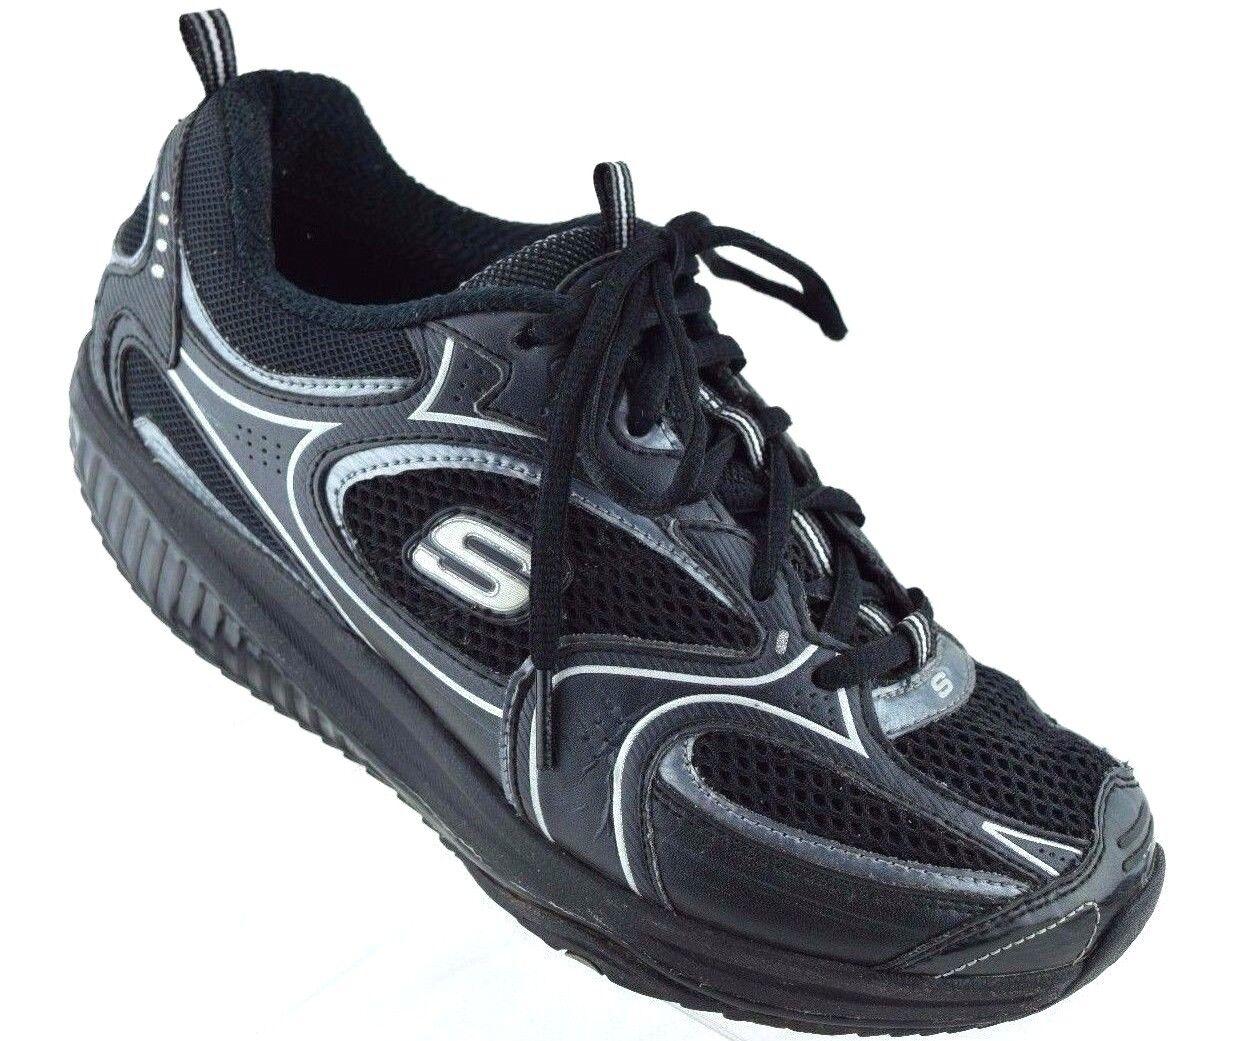 marche de santé rocker sketchers sketchers rocker forme des chaussures noires encre chaussures femmes 8 a75826